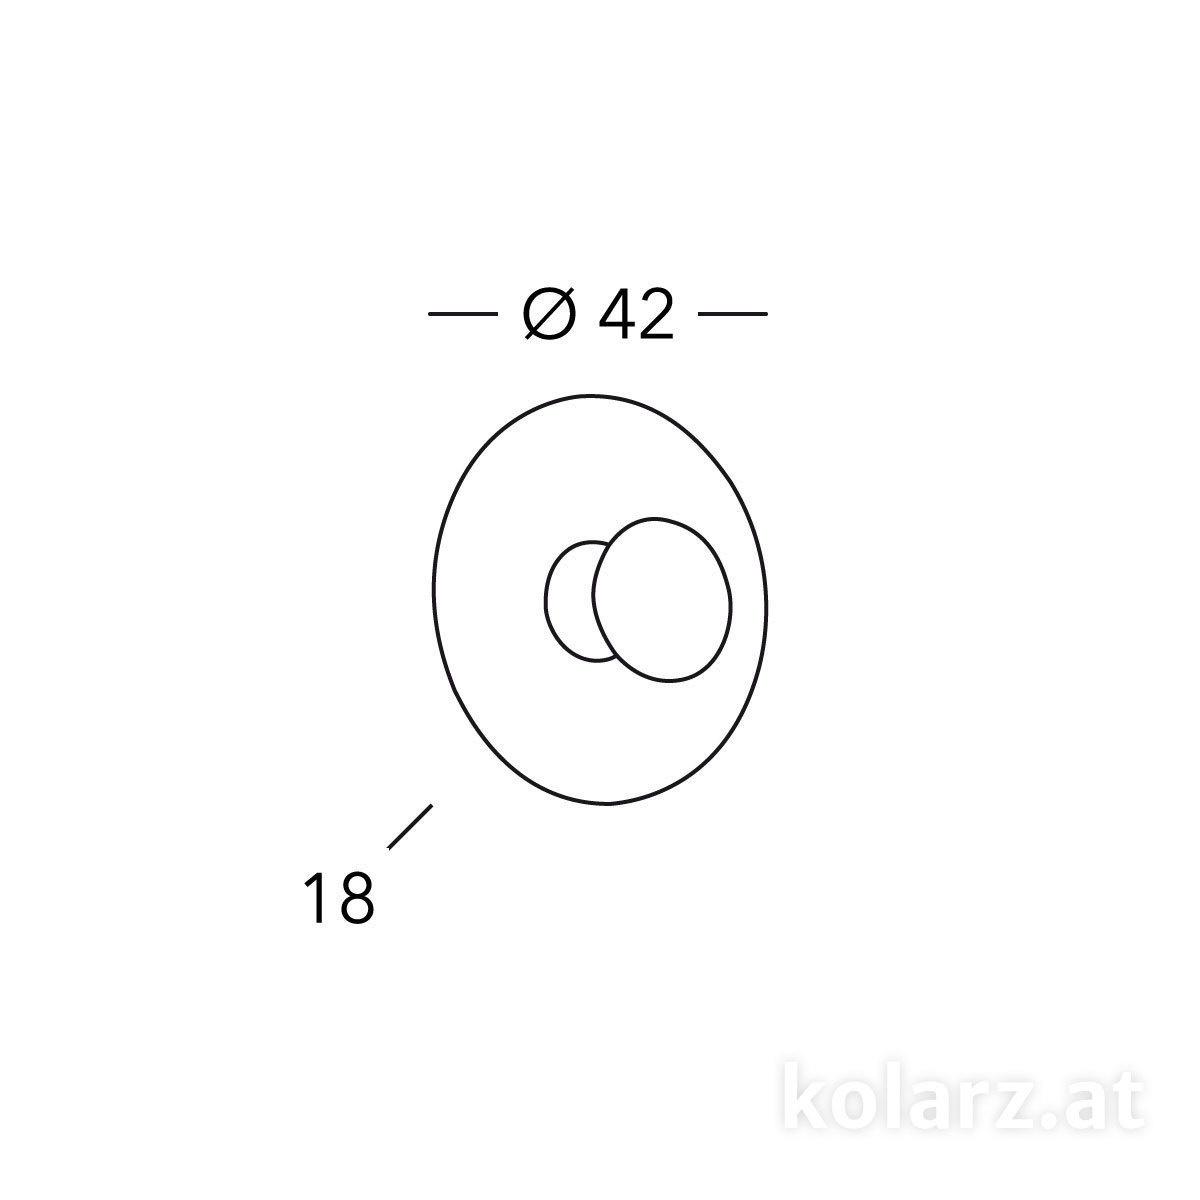 0415-61M-V1-3-RV-s1.jpg